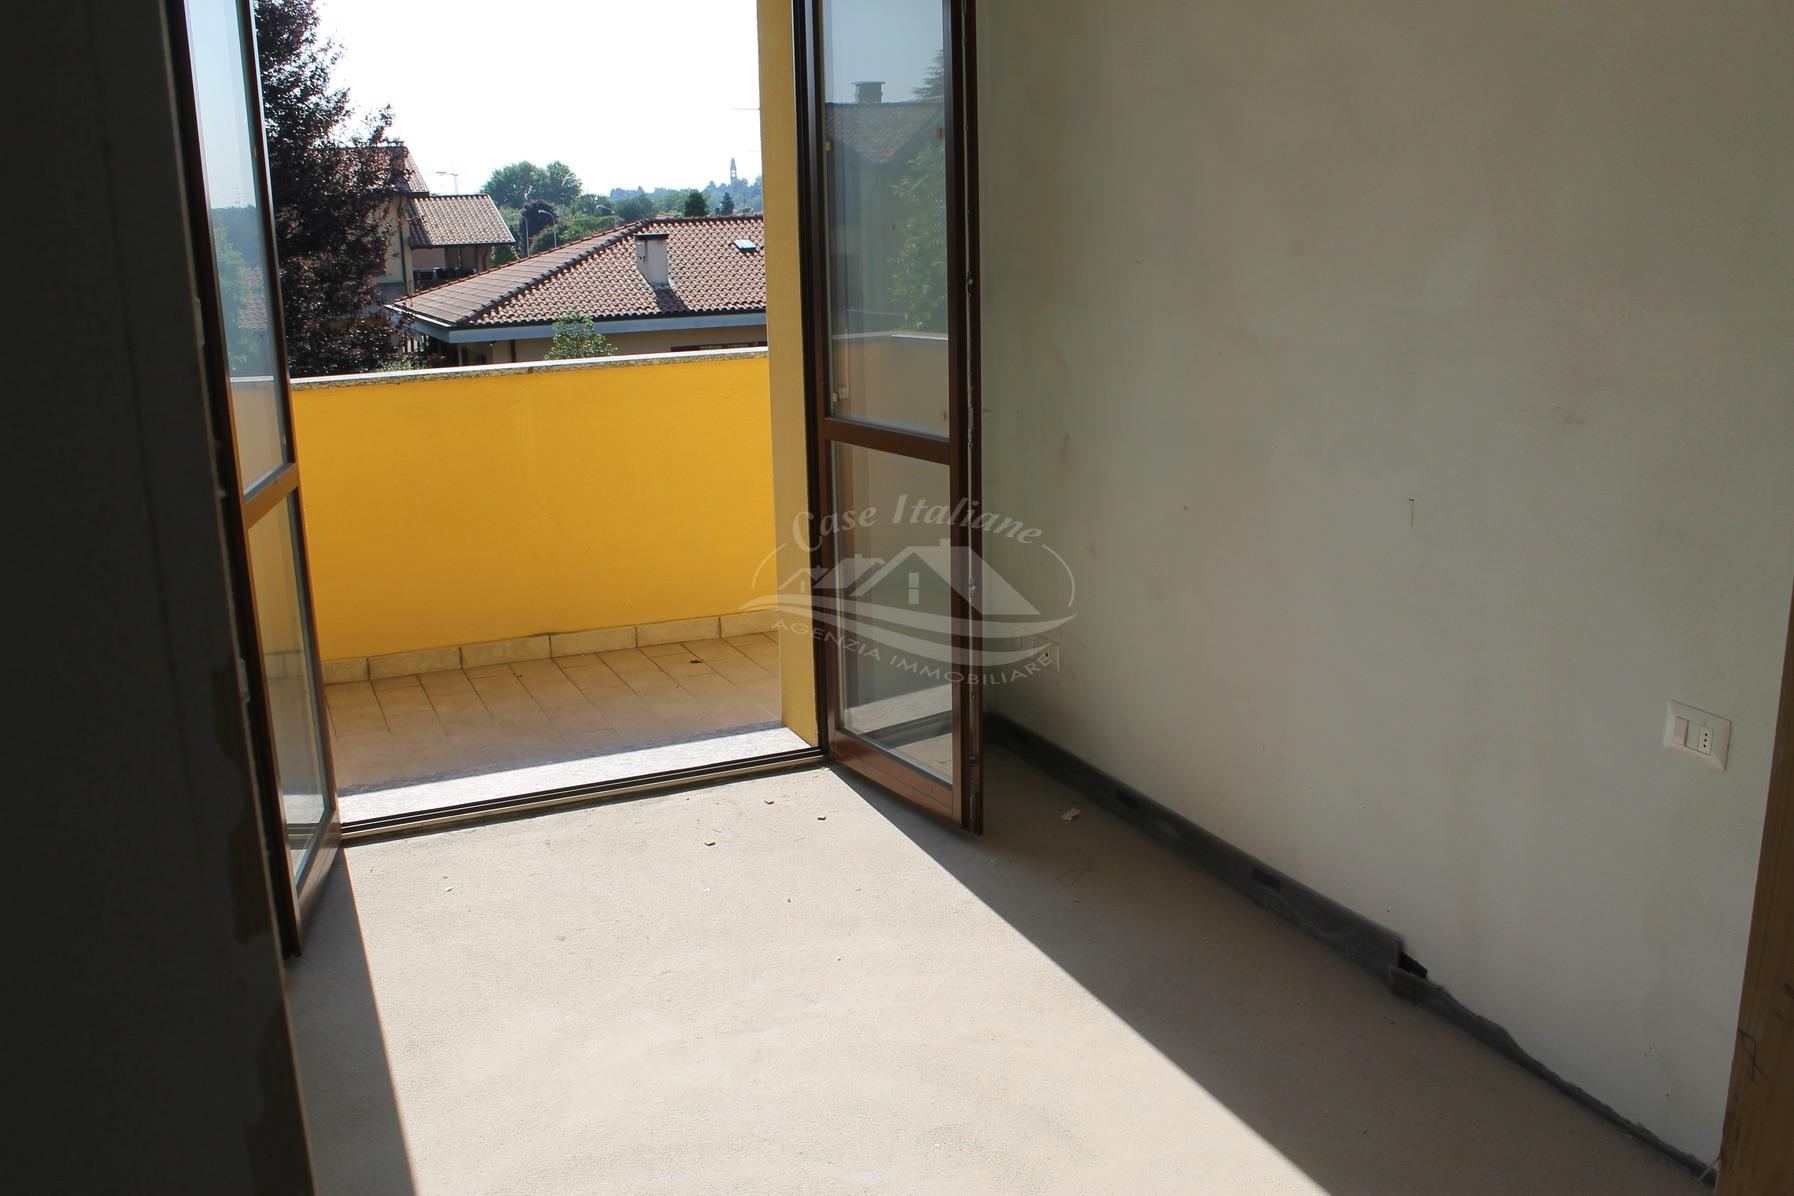 Img 7826 case italiane agenzia immobiliare cant for Case italiane immobiliare